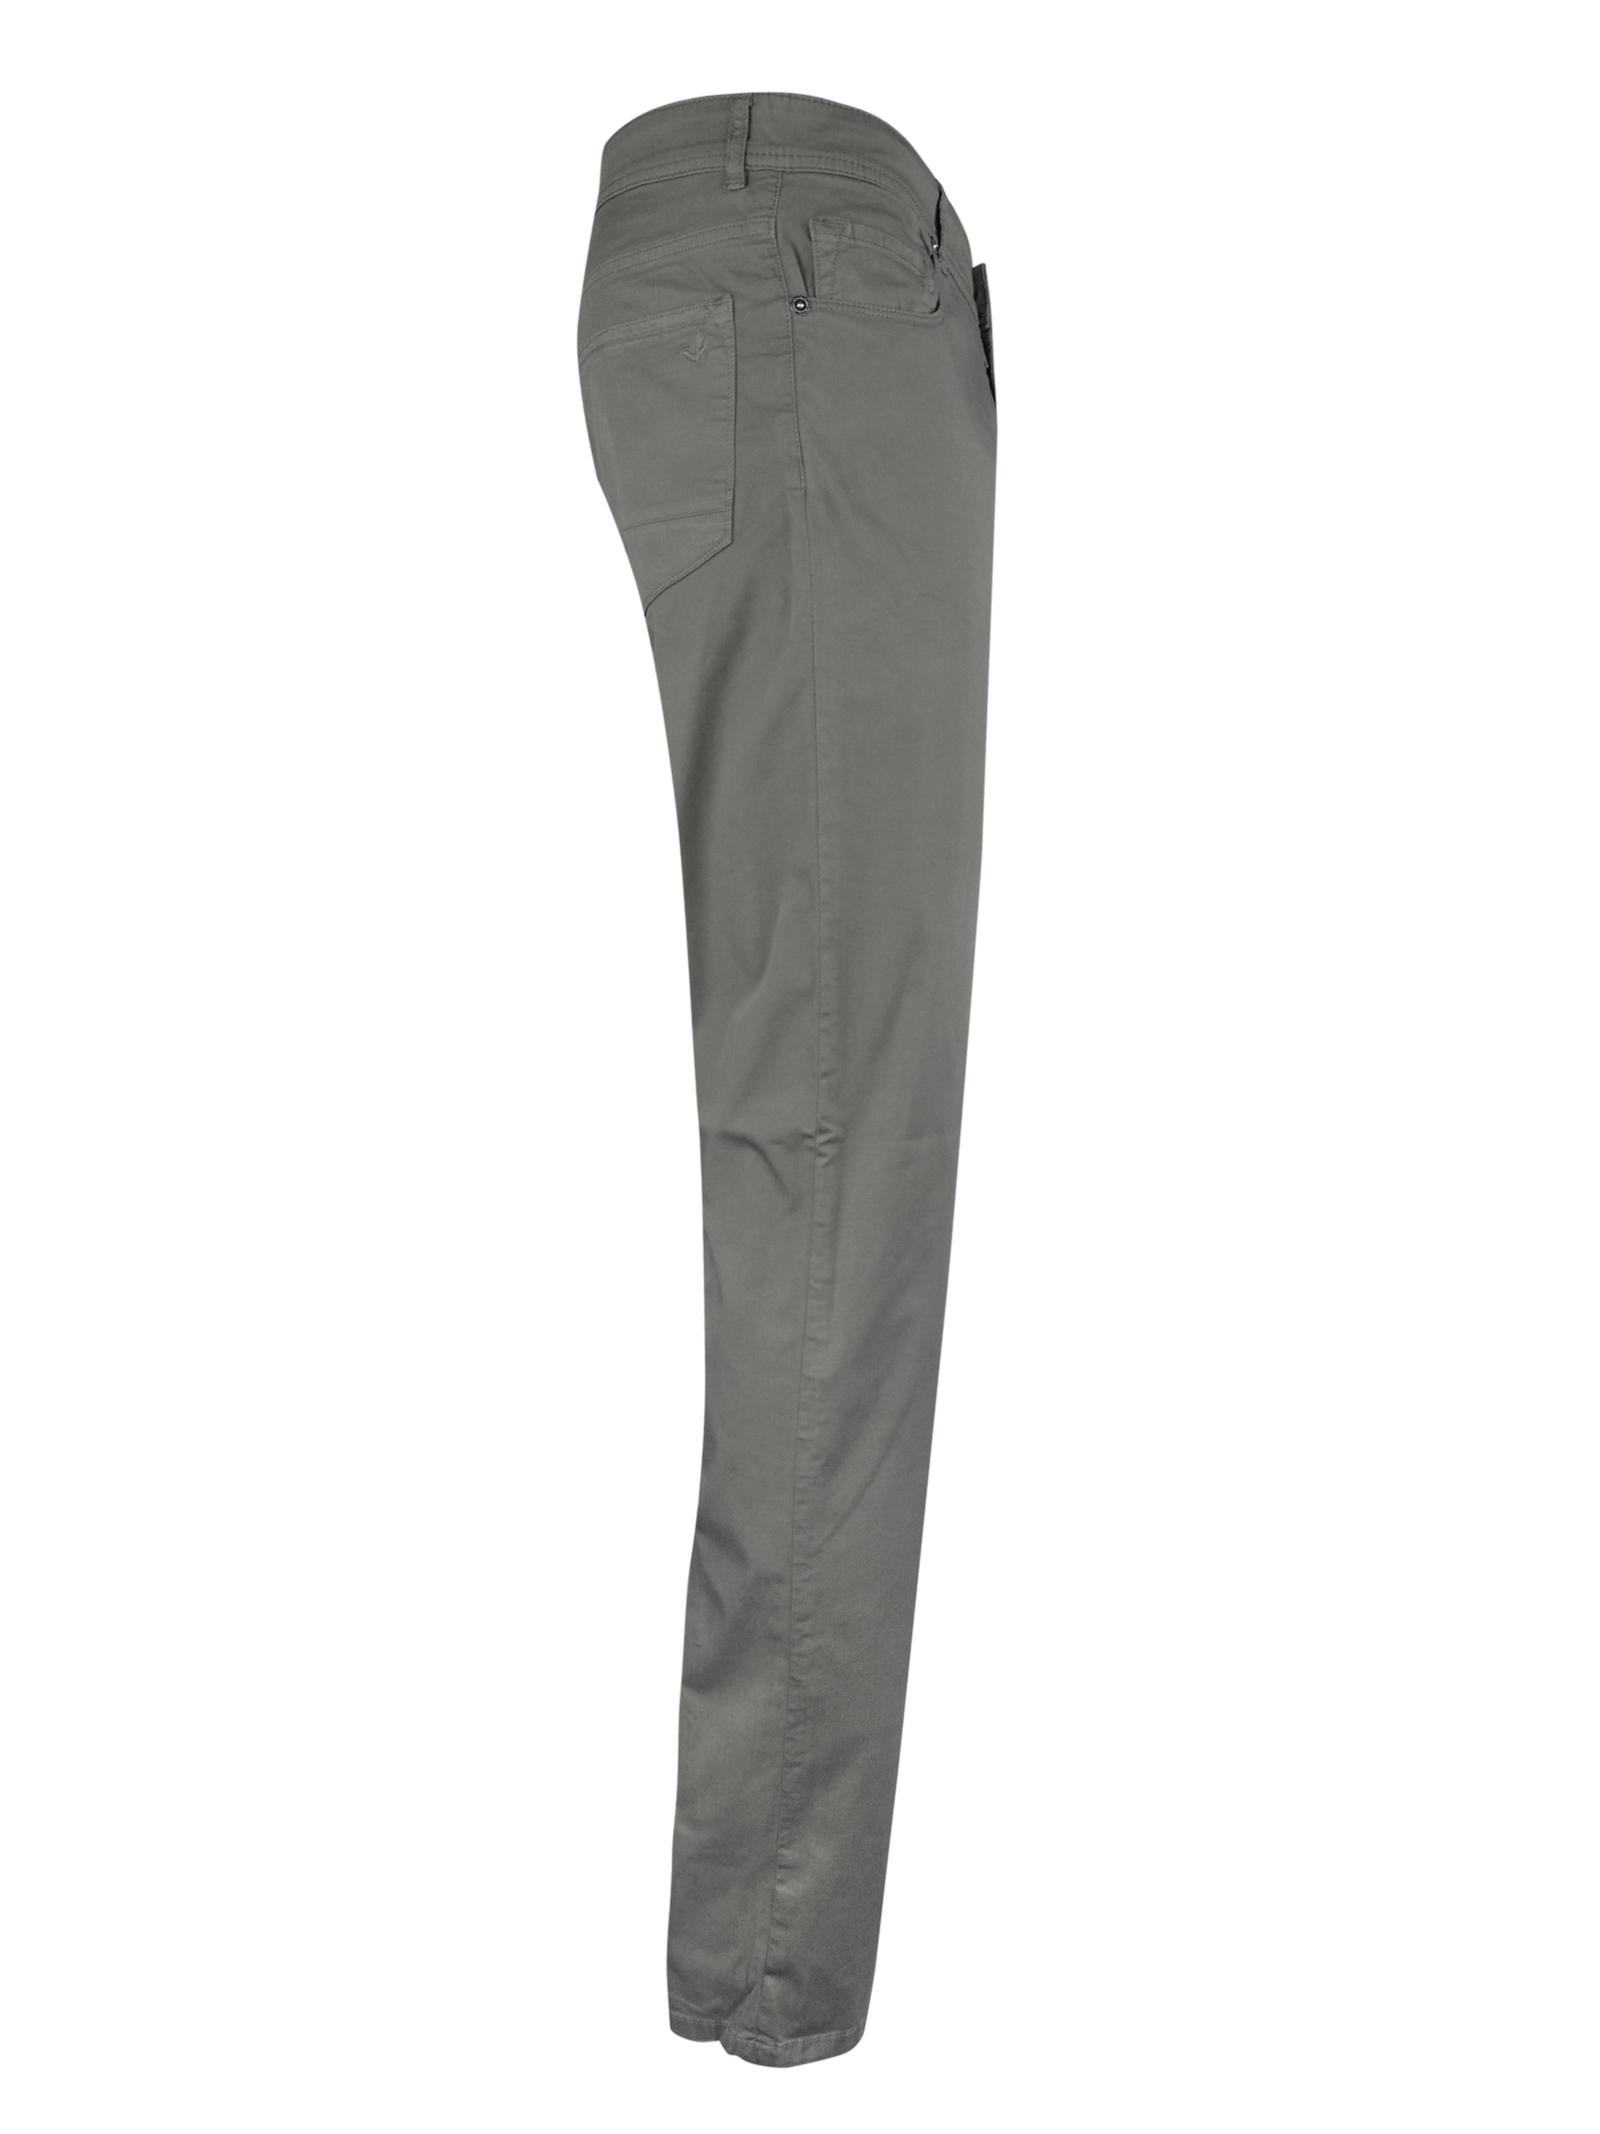 Pantaloni 5 tasche in cotone leggero, BROOKSFIELD | Pantaloni | 205D.C0687248